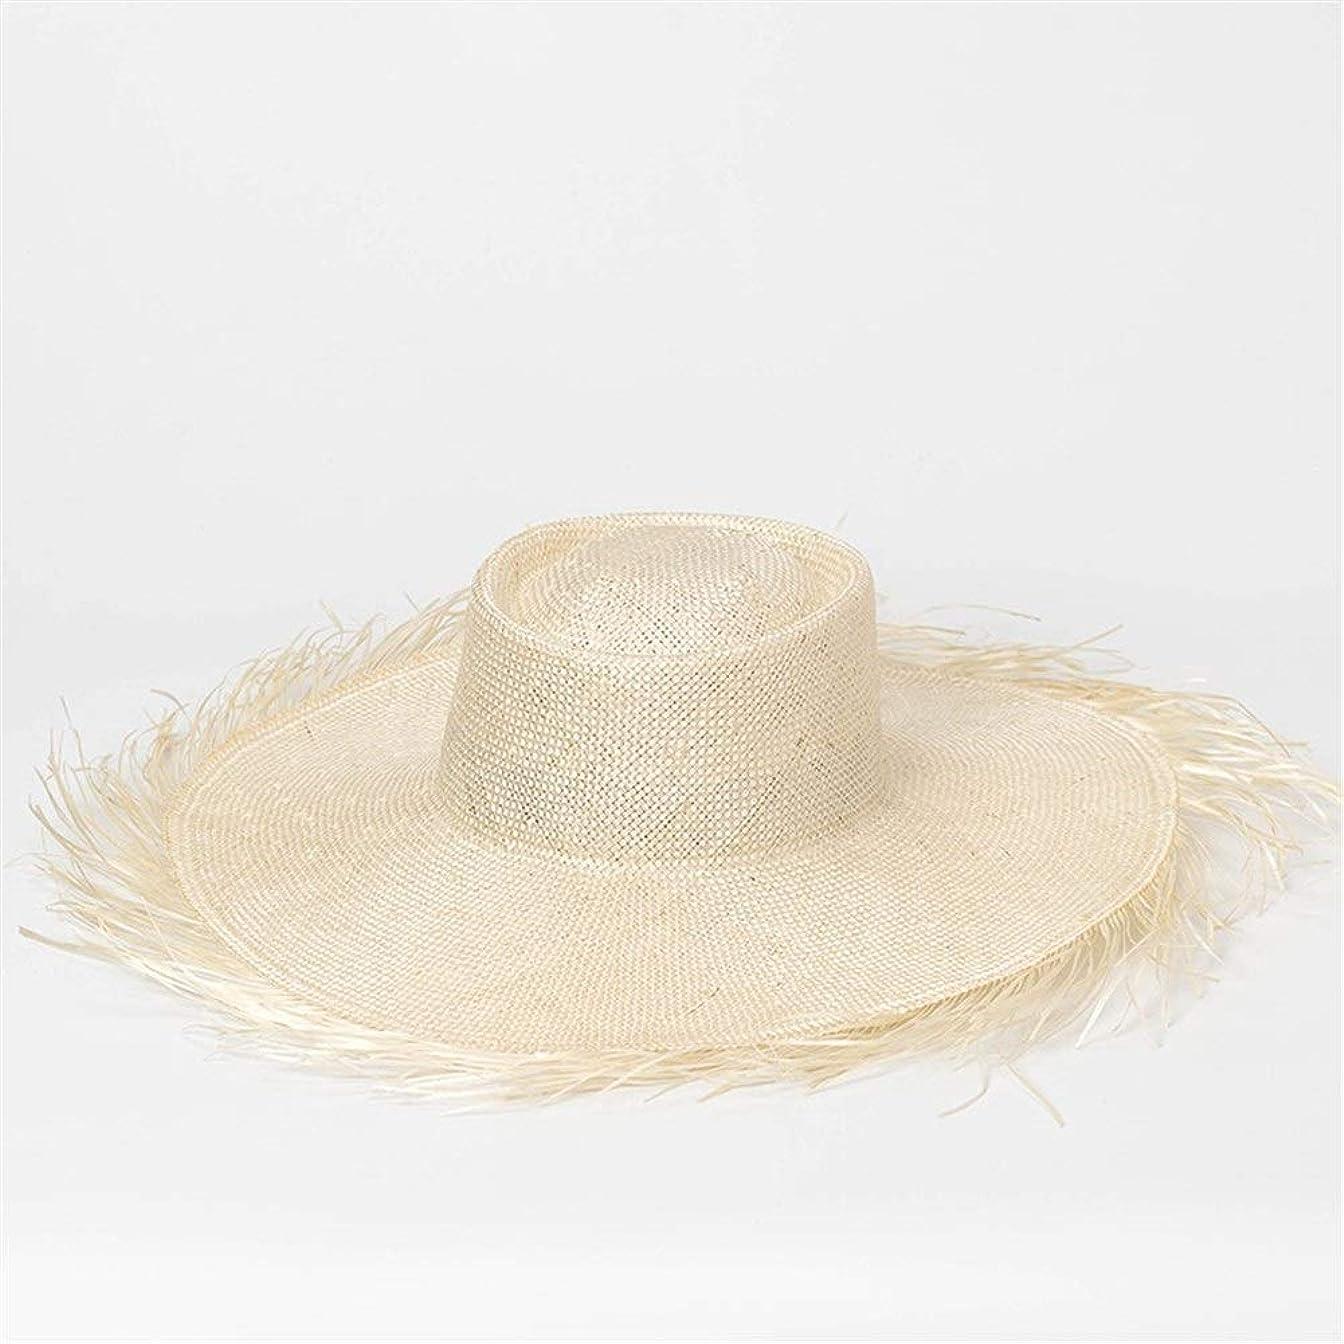 美しいペパーミント周りフラットトップサイザル帽子に沿って春と夏のヘアキャップ屋外日焼け止めバイザー手織り麦わら帽子